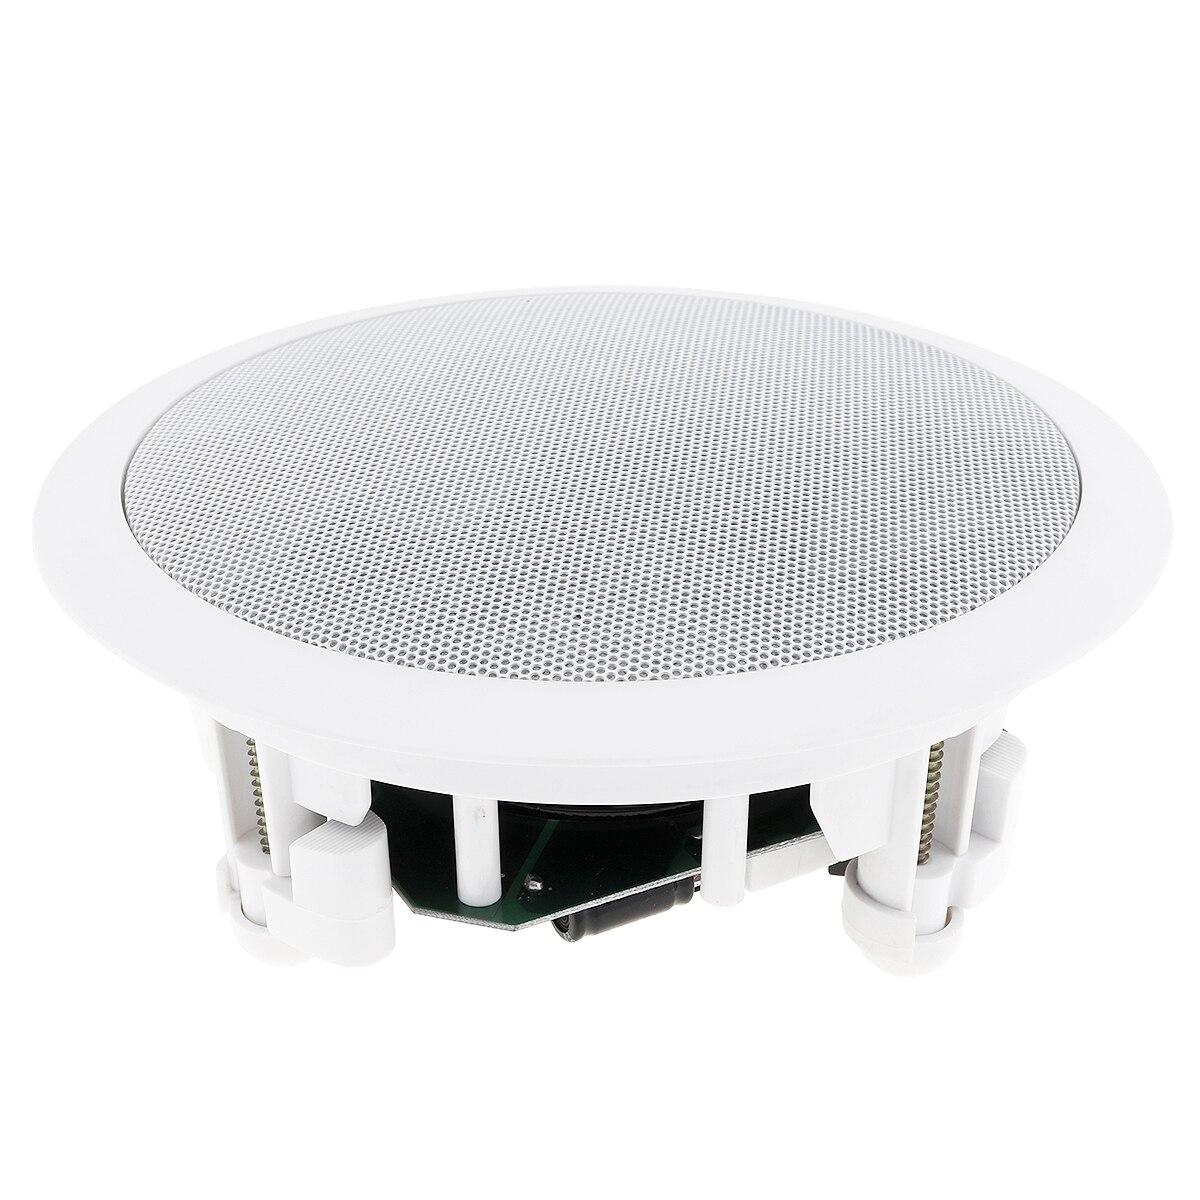 Neueste CSL 718 25W Wand montiert Decke Lautsprecher Hintergrund Musik DJ Sound Bar TV Lautsprecher Lautsprecher Fit für Home shop-in Deckenlautsprecher aus Verbraucherelektronik bei